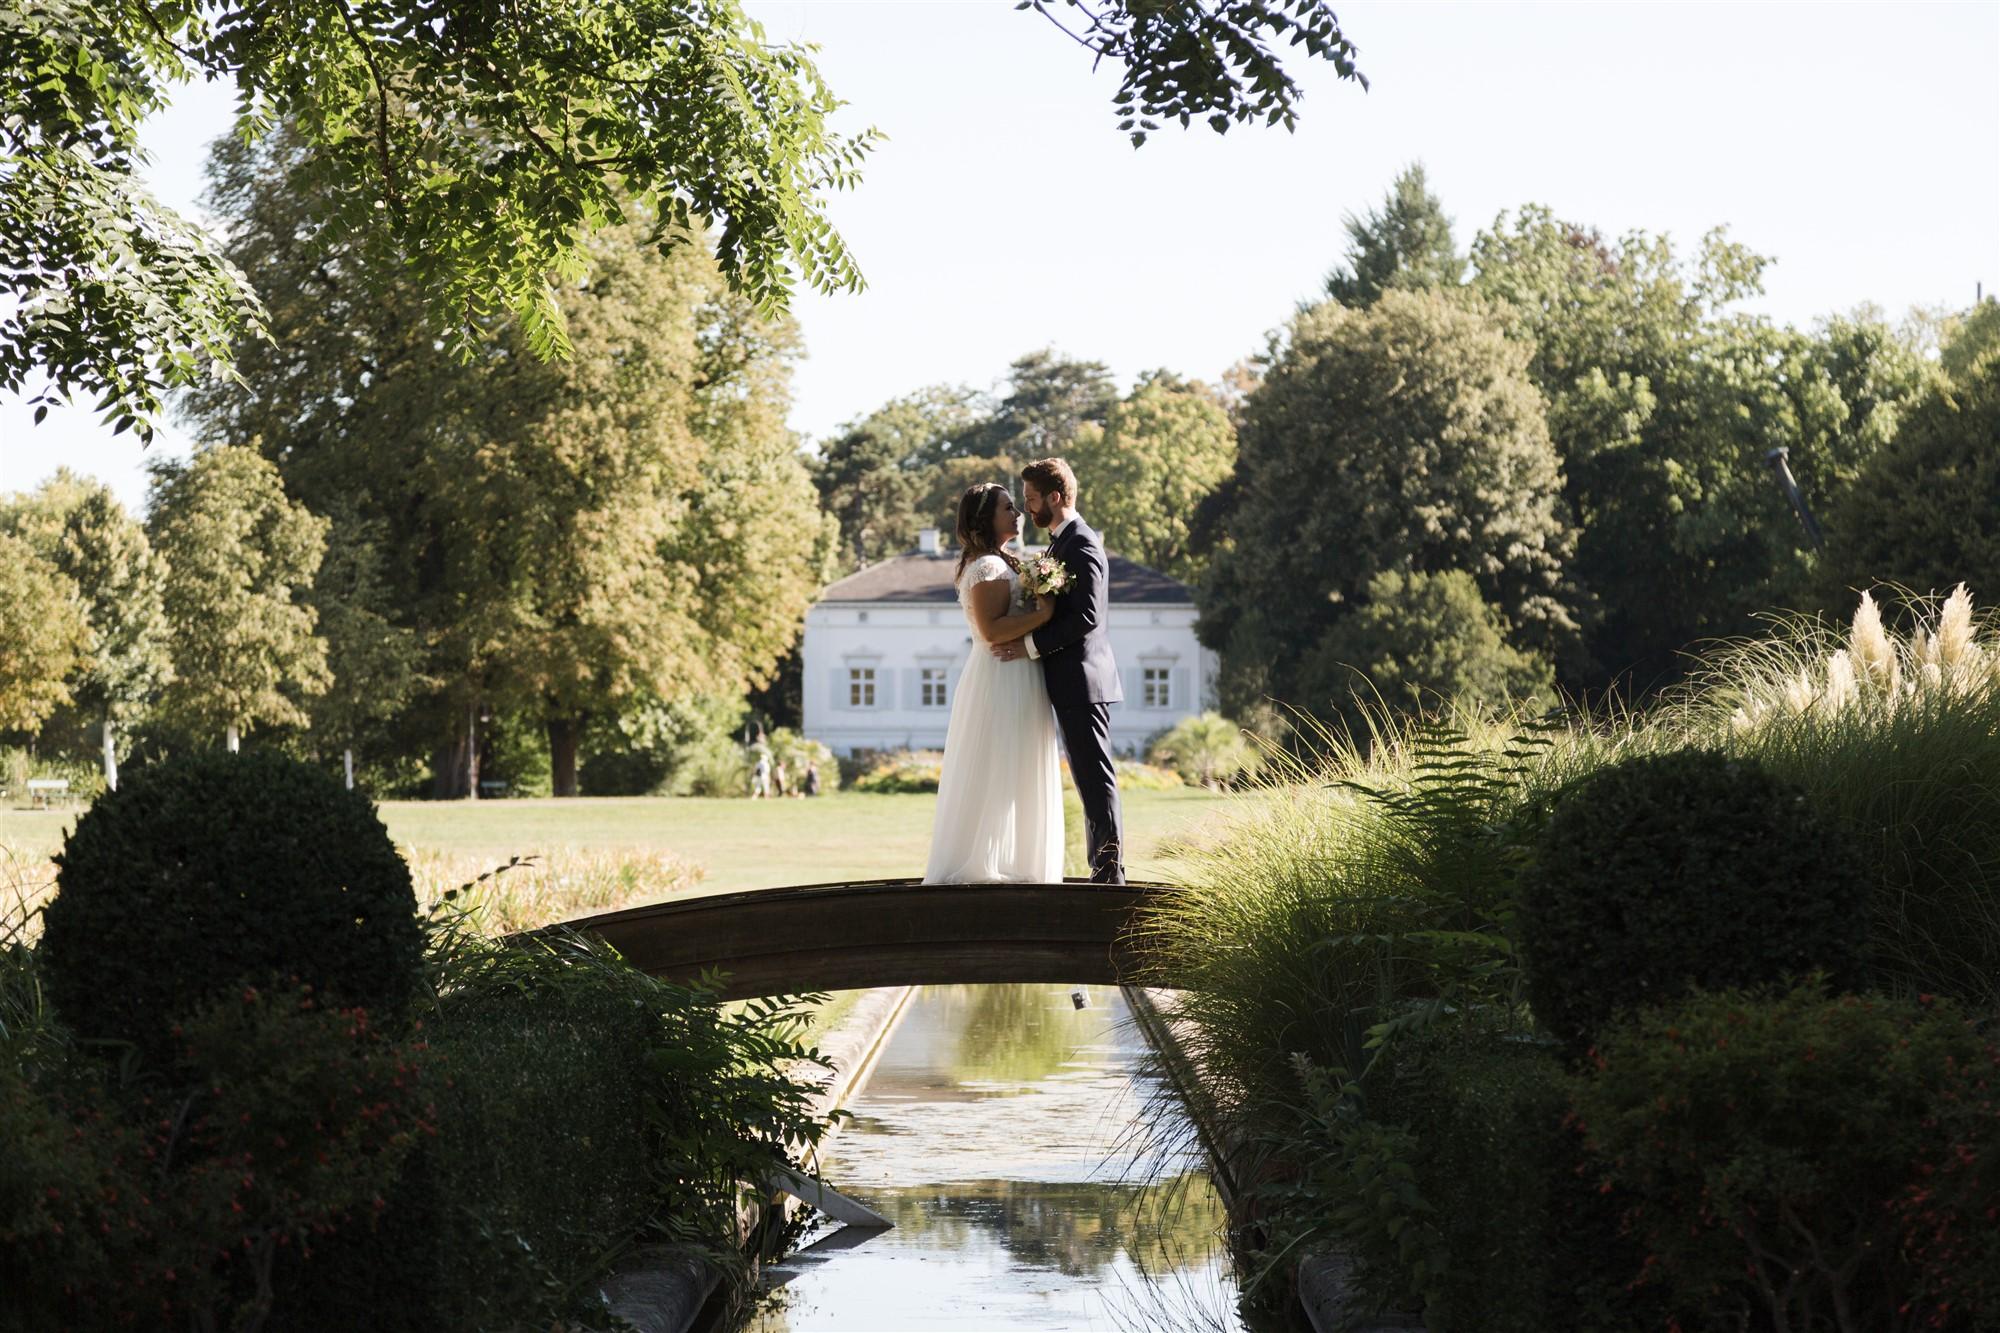 Das Brautpaar steht auf der Brücke in den Merian Gärten